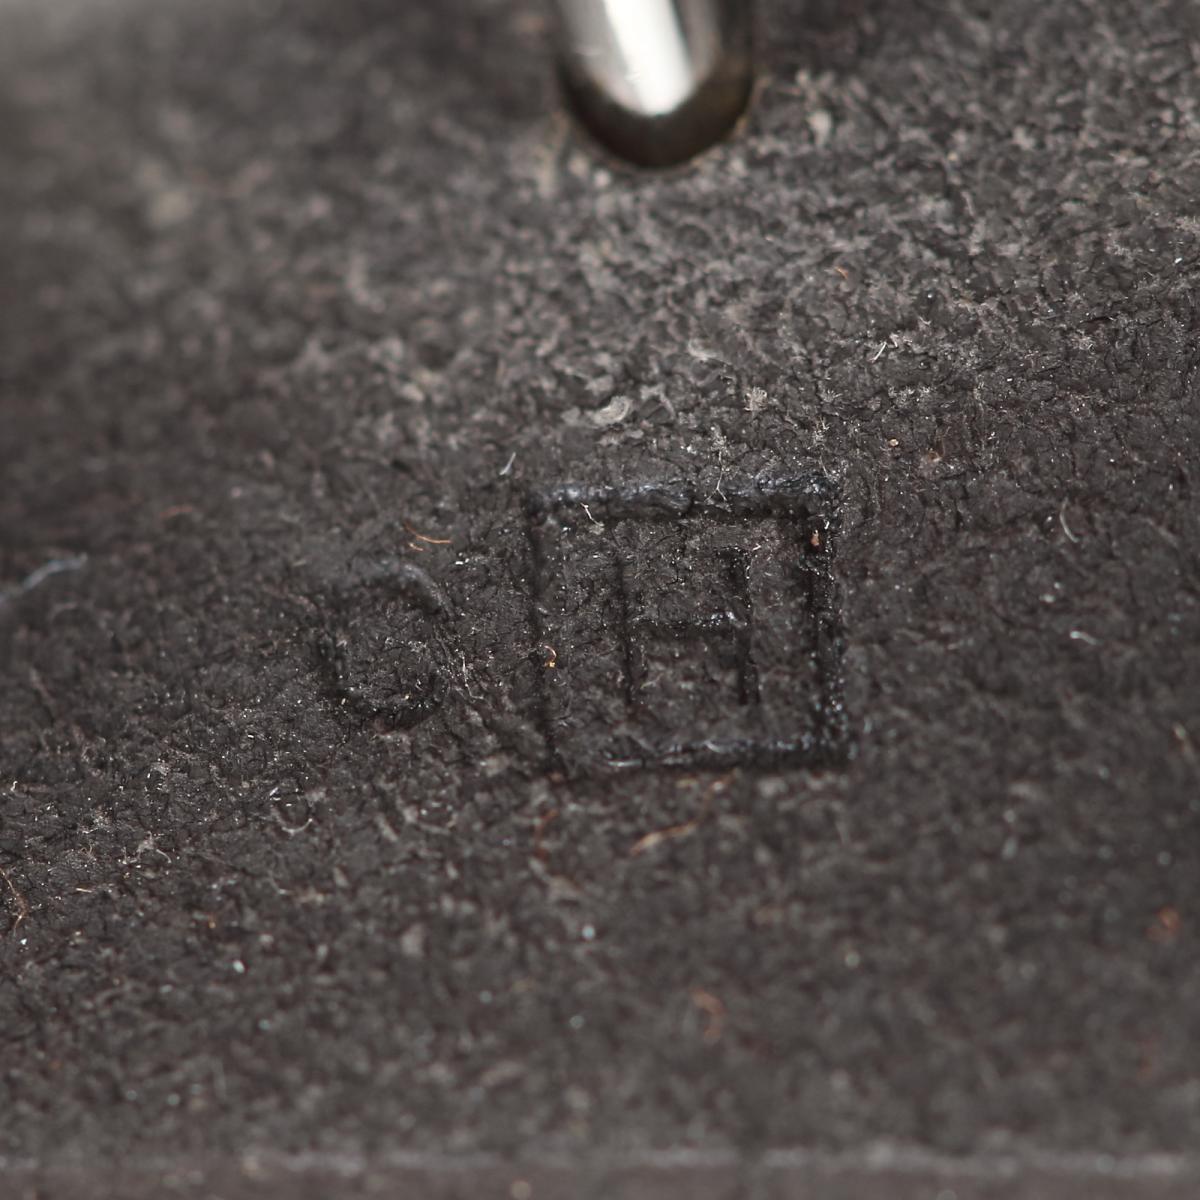 エルメス エールバッグTPM ショルダーバッグ バッグ レディース レザー x トワルGM トワルオフィシェ ブラック ナチュラル金具 シルバーHERMES BRANDOFF ブランドオフ ブランド ブランドバッグ バック ショルダーN0PkX8nOw